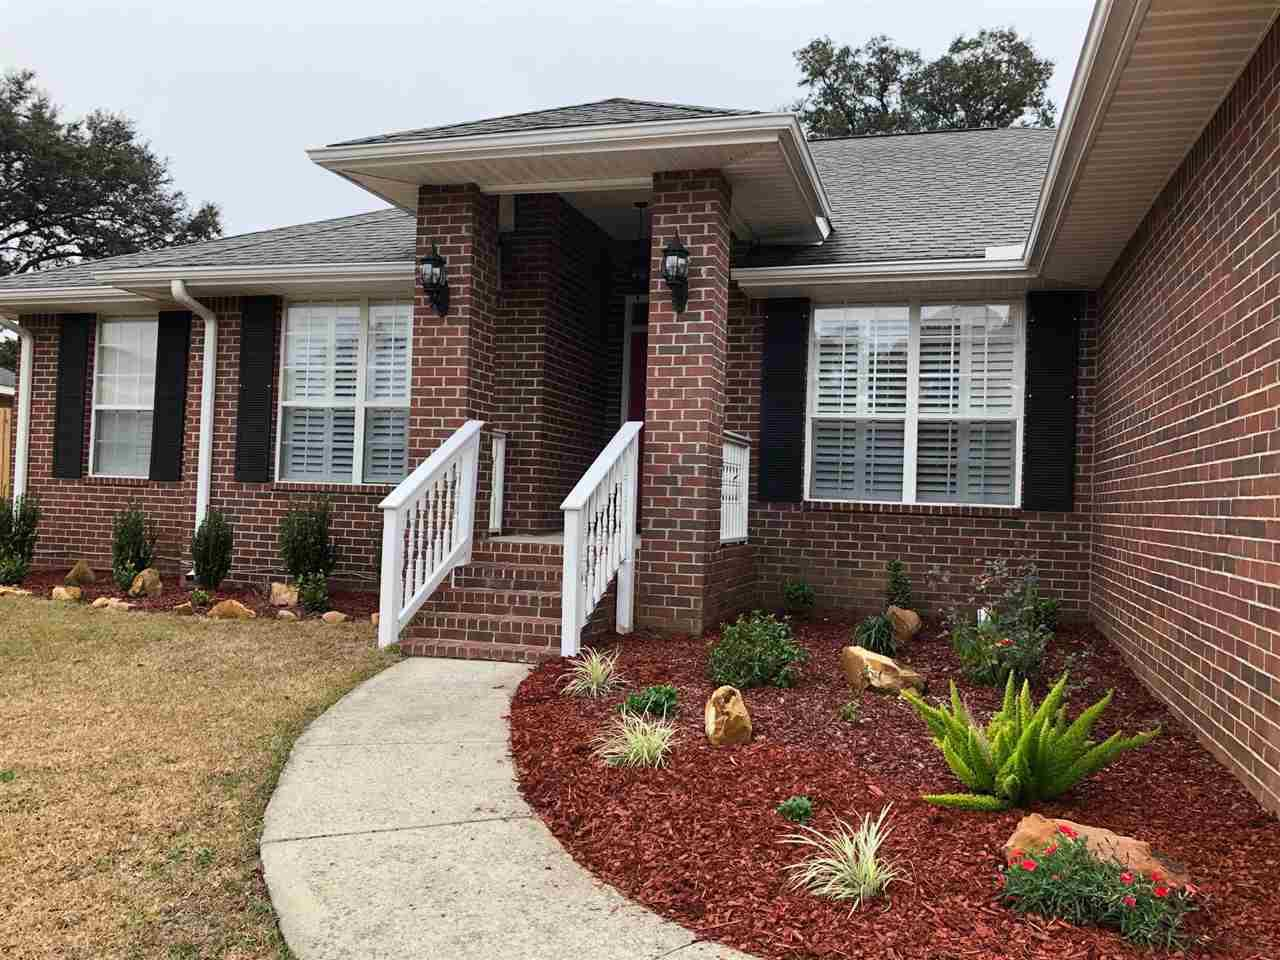 529 SHILOH DR, Pensacola, Florida